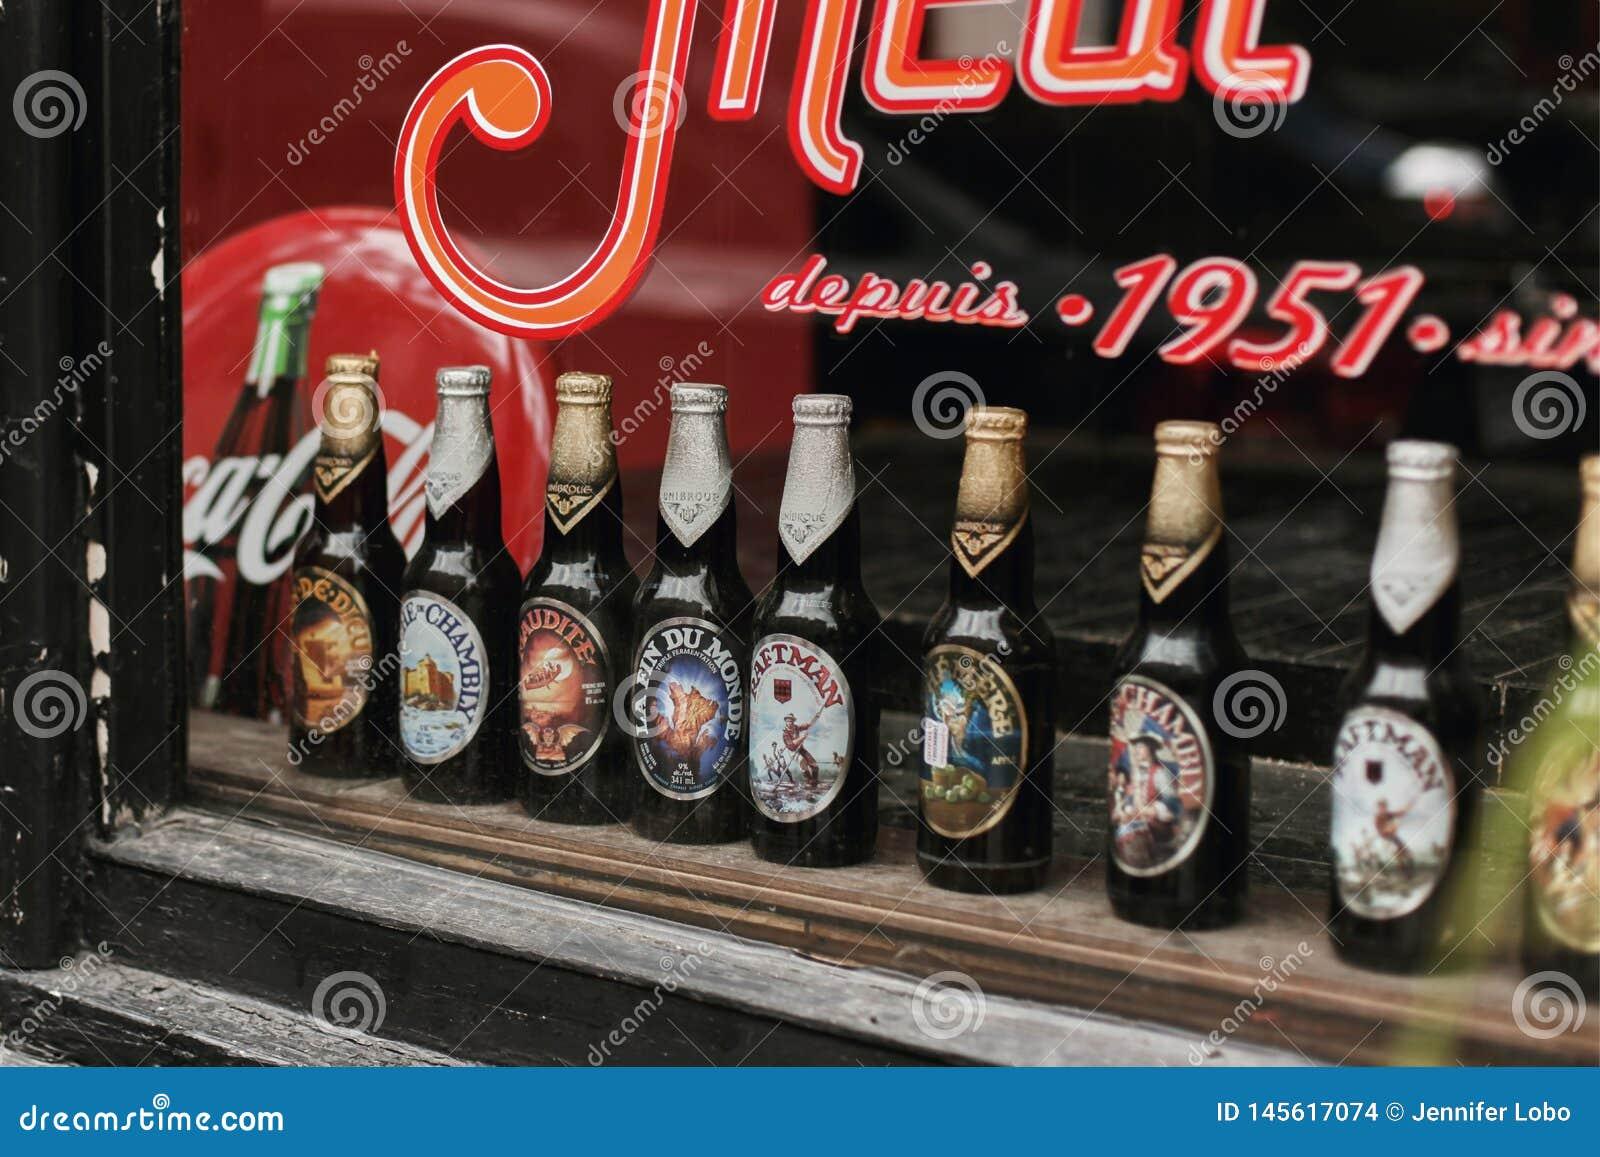 Reihe von Bierflaschen auf einem Fenster in Montreal, Kanada